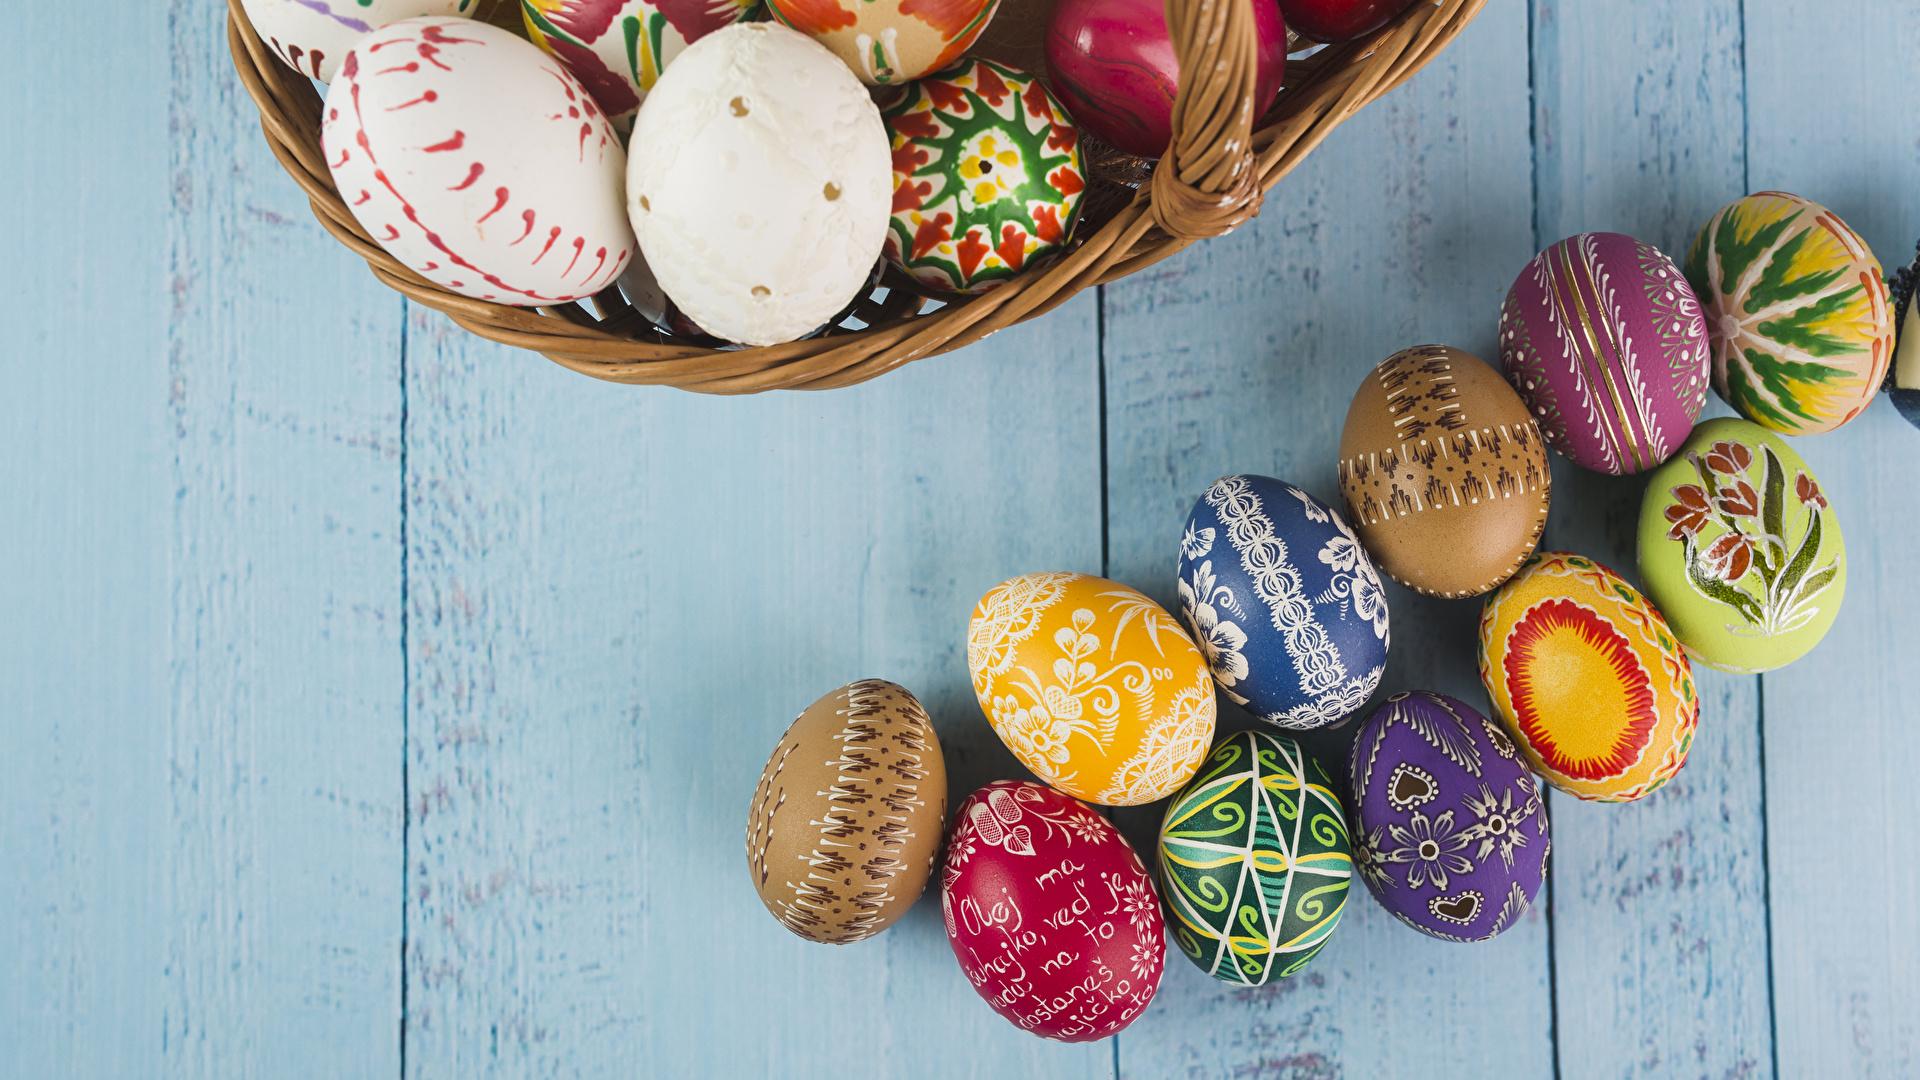 Картинки Пасха яйцами Доски Дизайн 1920x1080 яиц Яйца яйцо дизайна